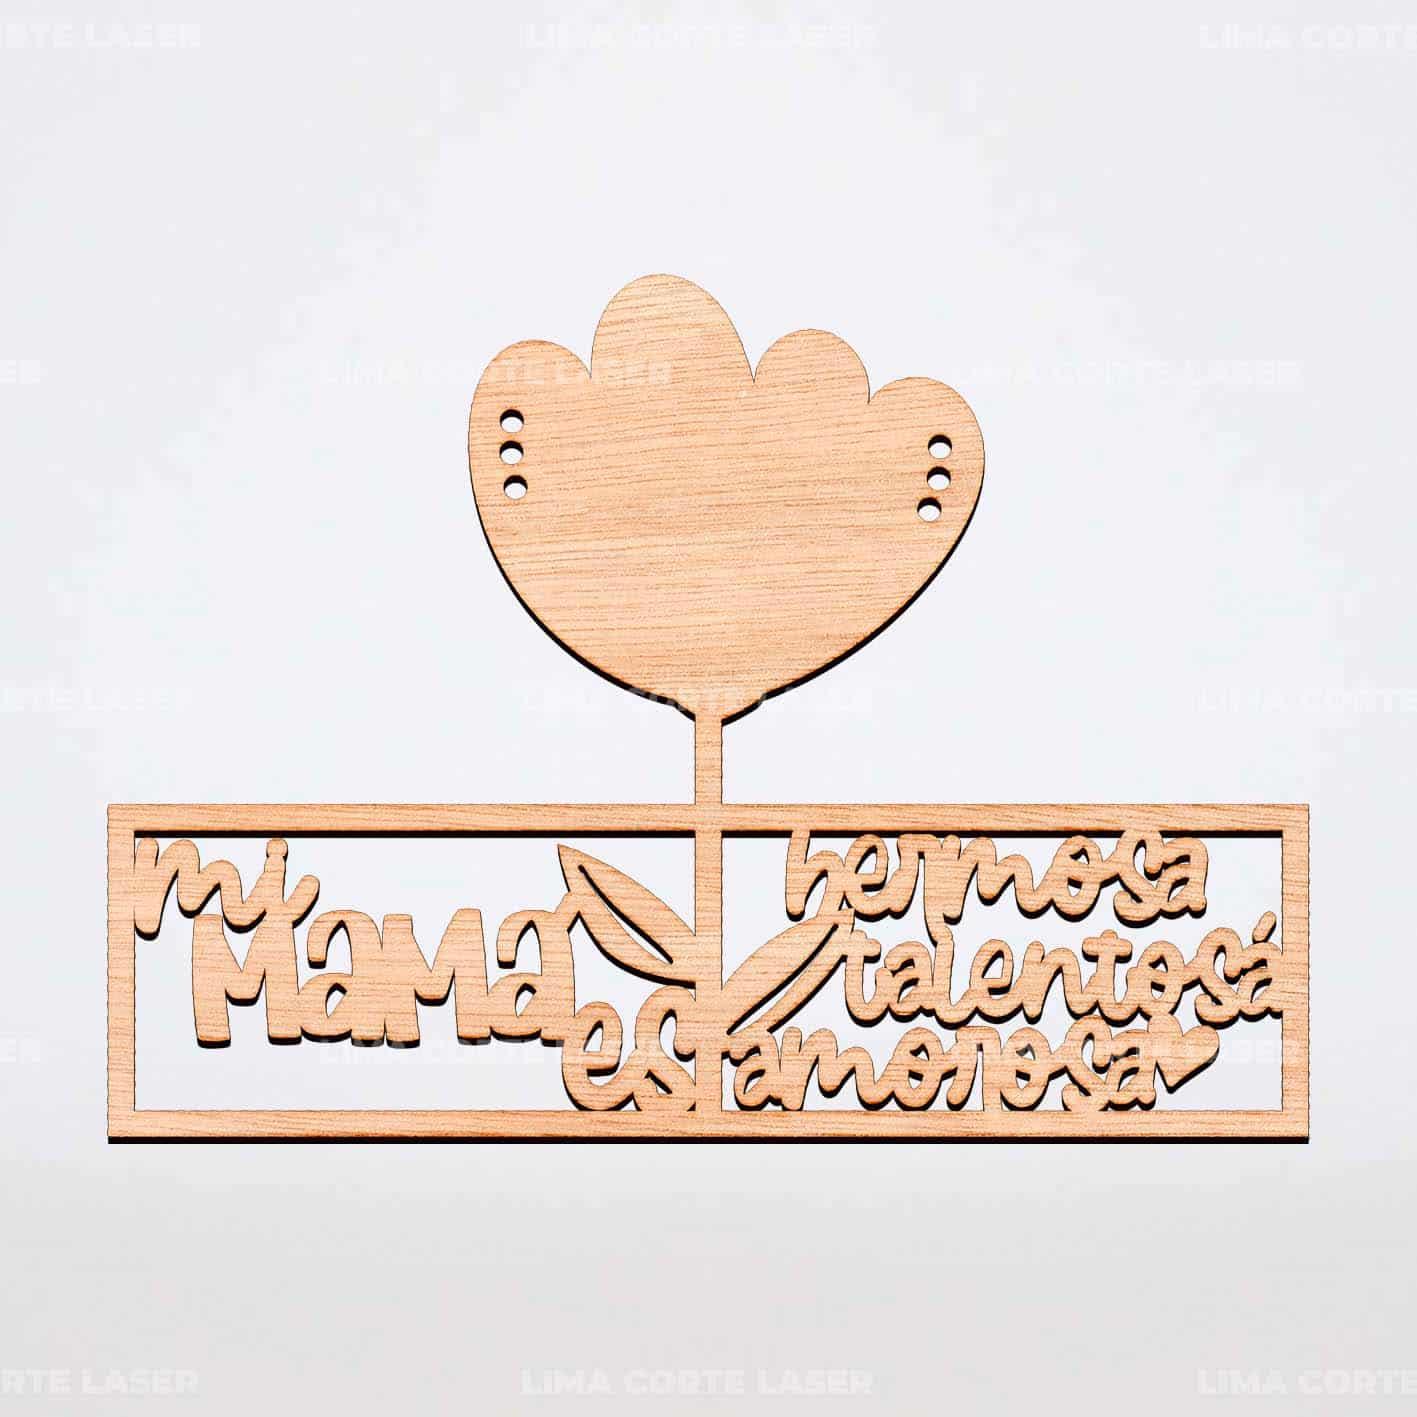 Adorno de madera personalizado con láser para el día de la madre con la frase mi mamá hermosa